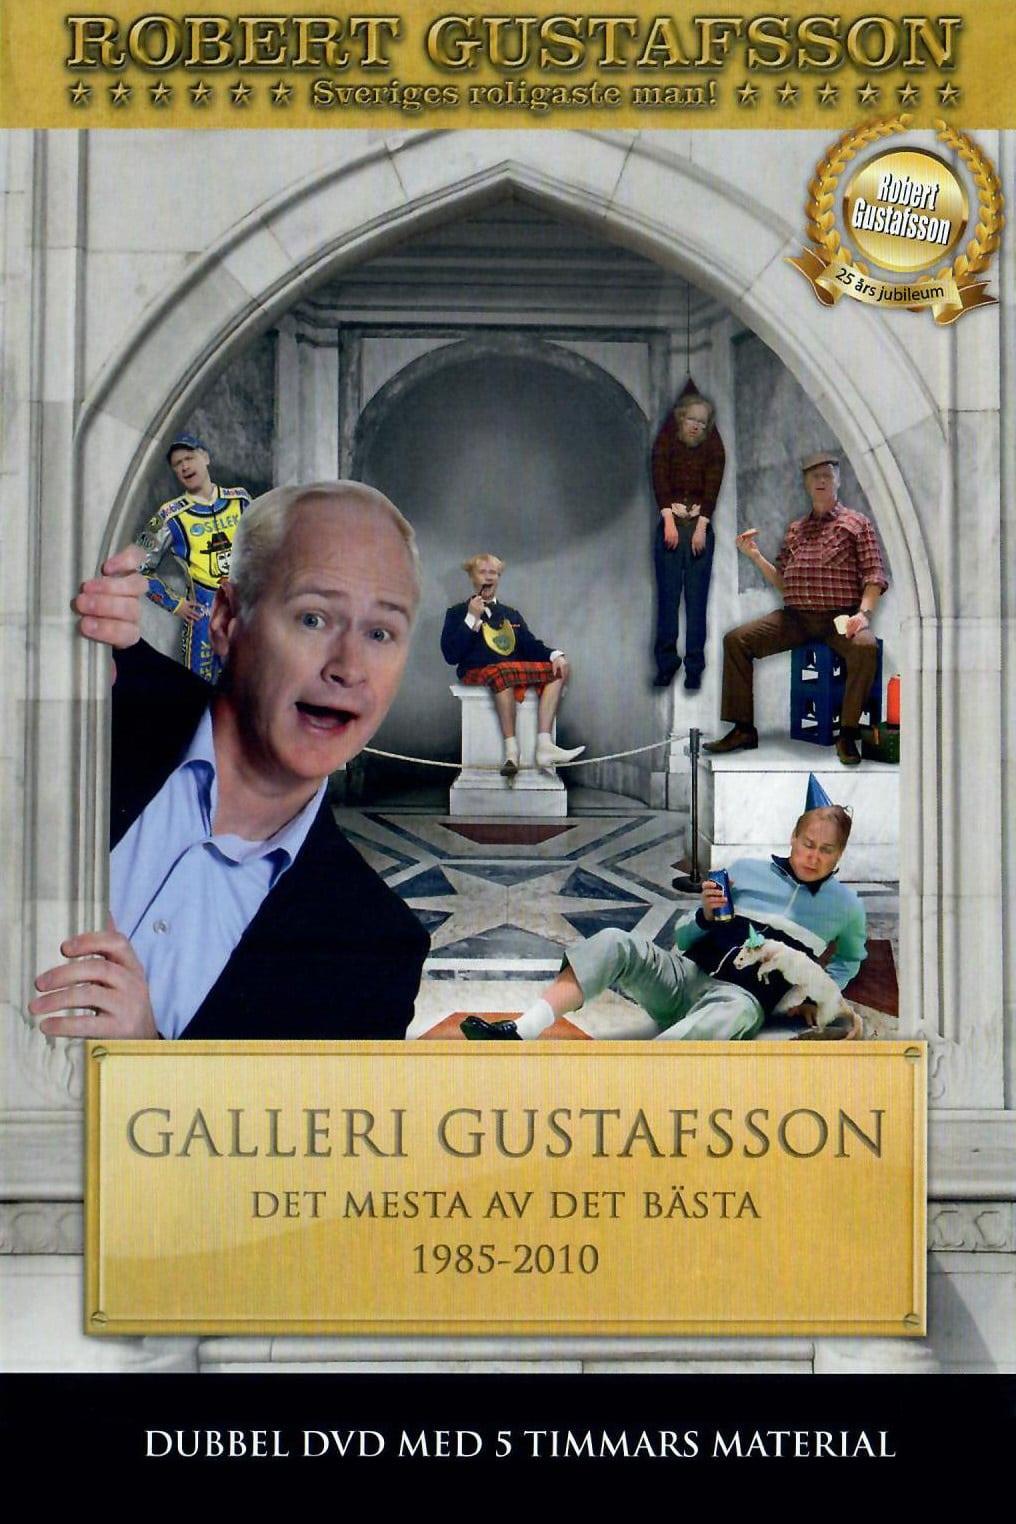 Galleri Gustafsson - Det mesta av det bästa